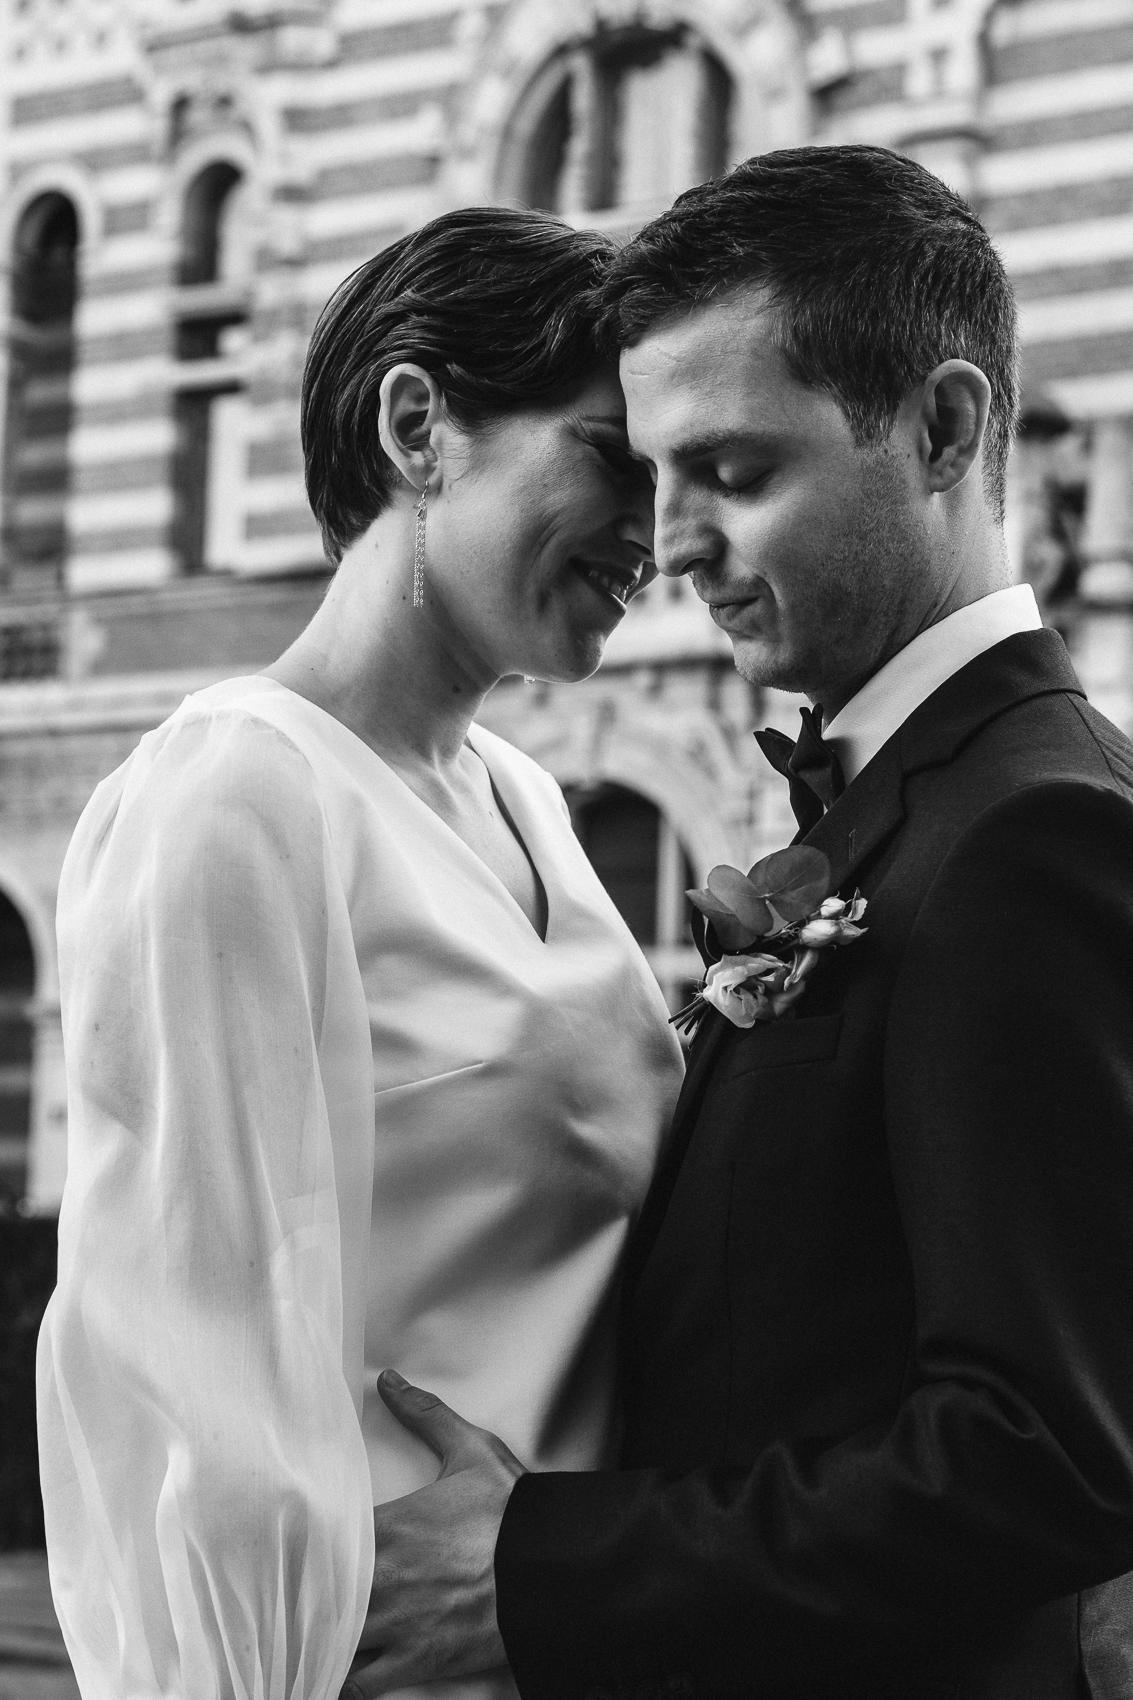 iso800 - huwelijksfotograaf Jacinth en Jens Antwerpen-14.jpg